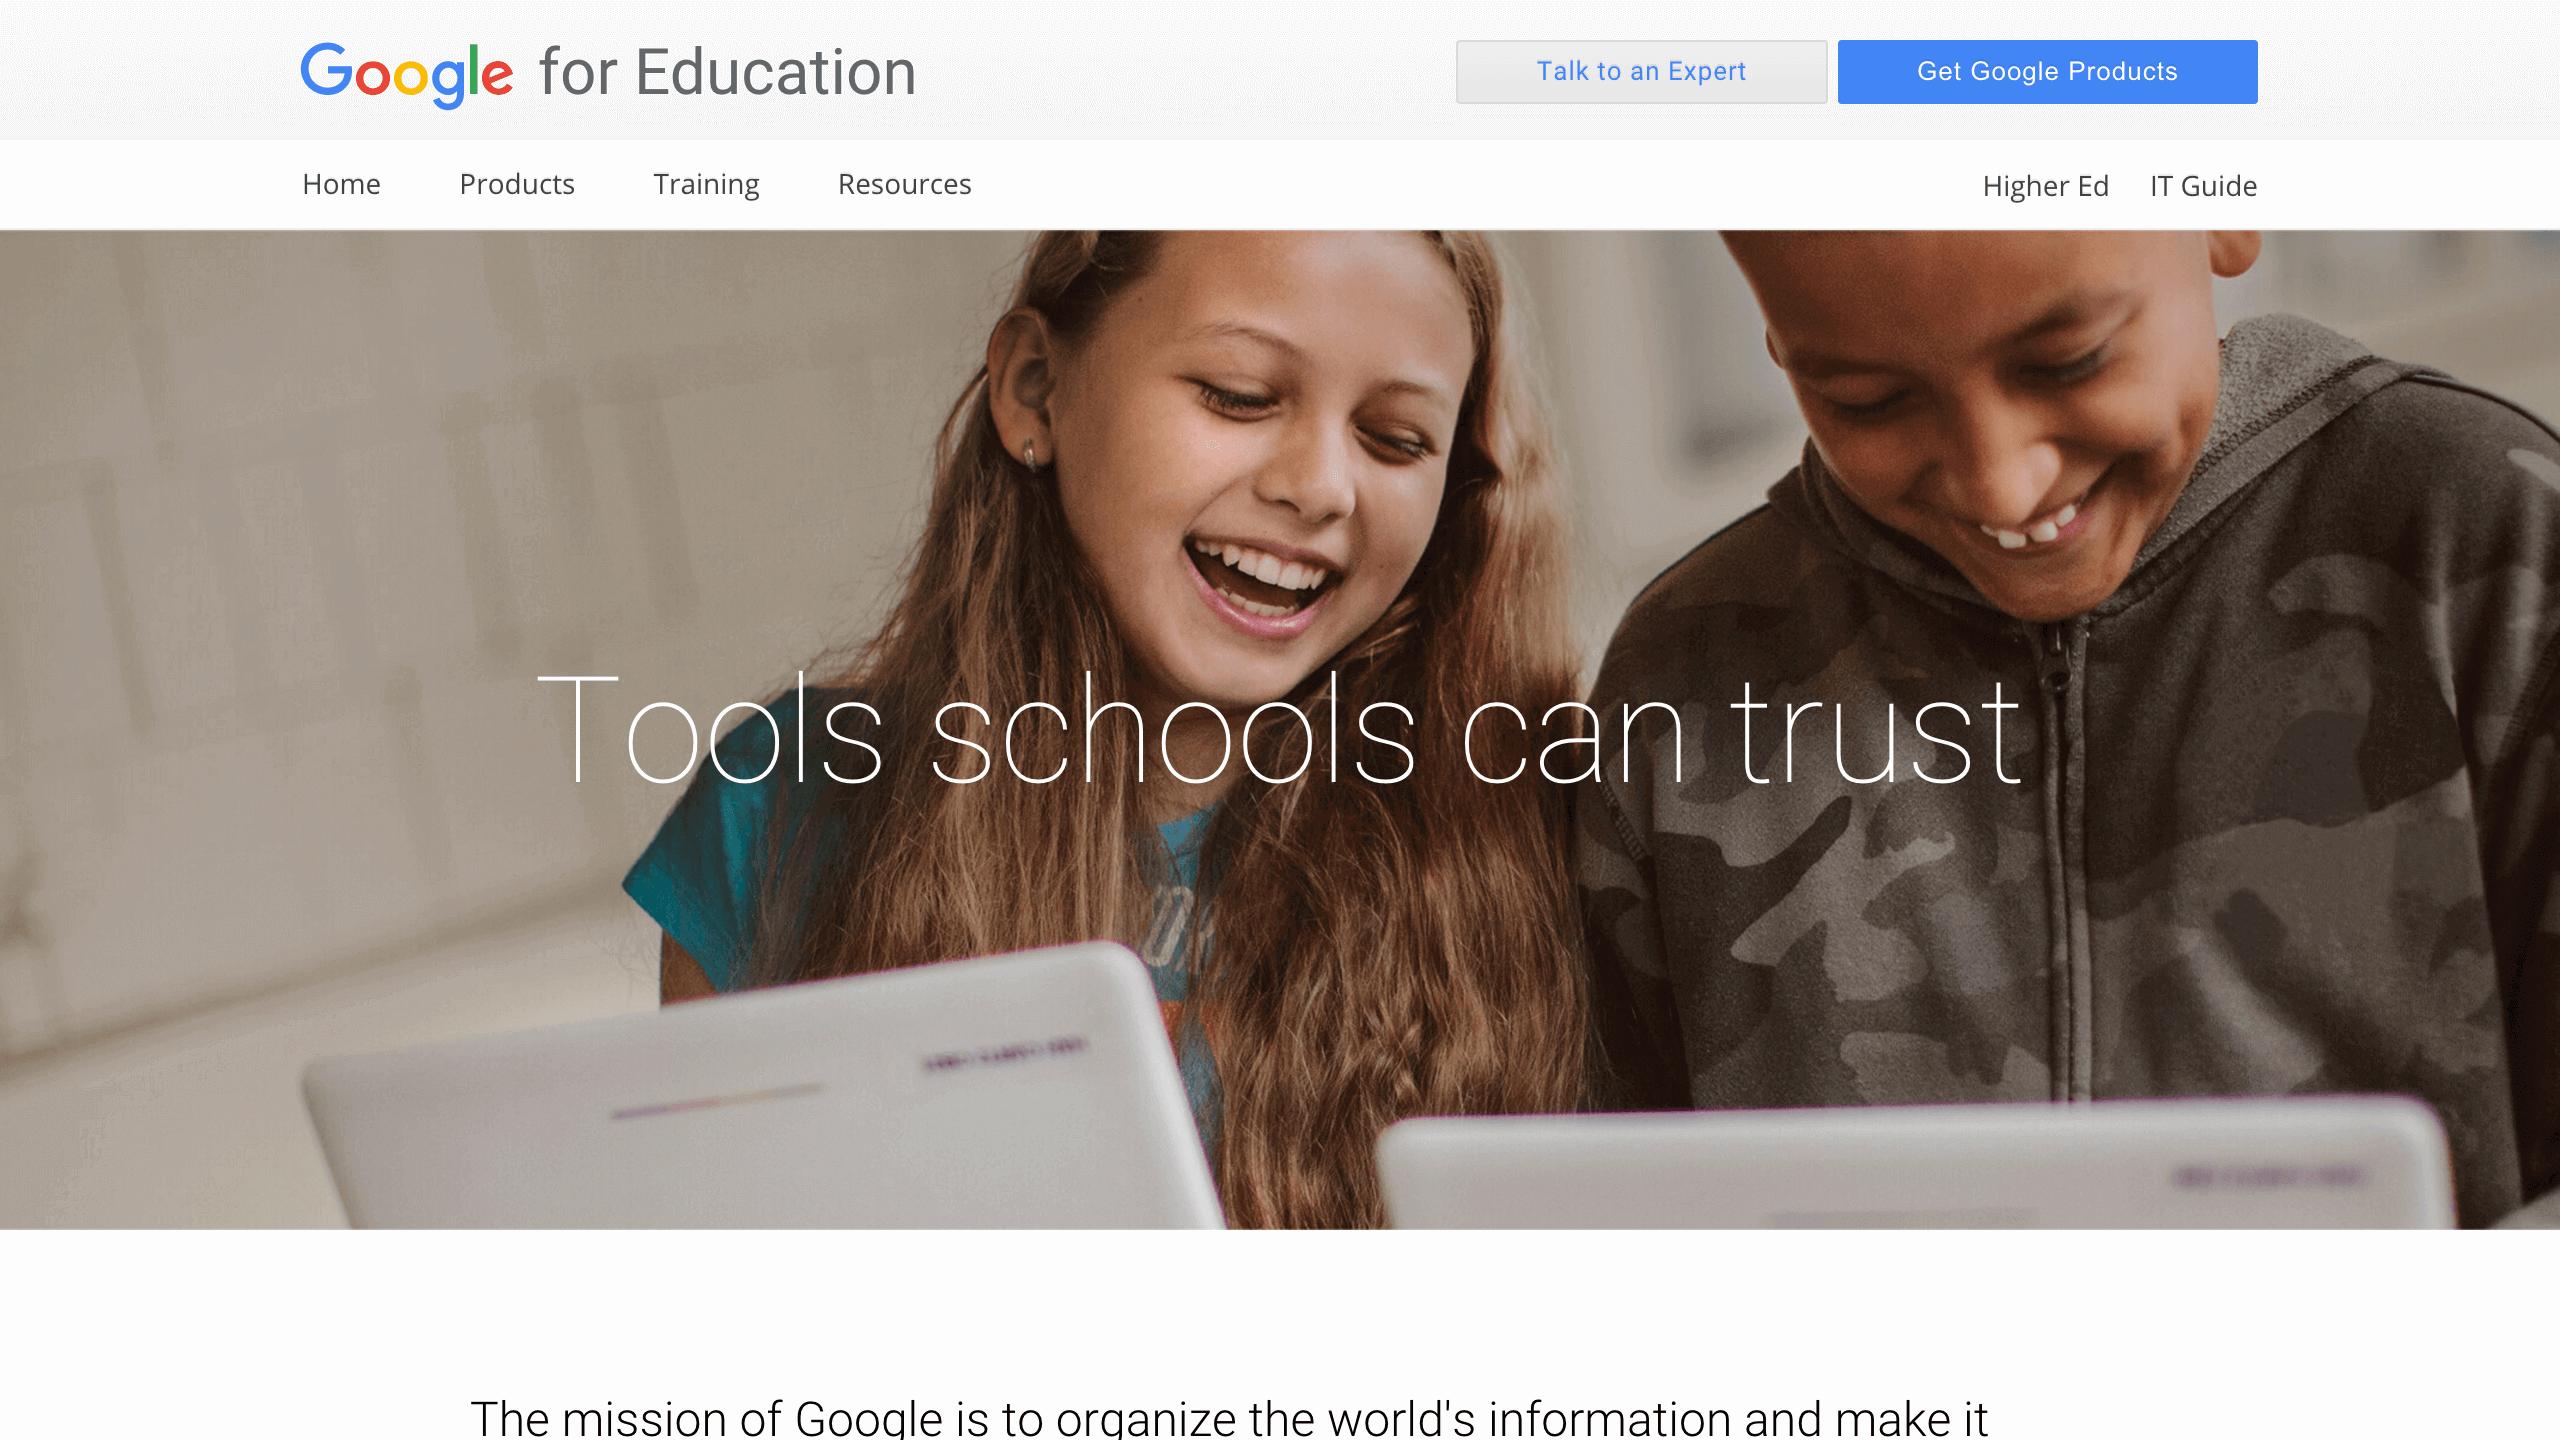 Google for Edu: Trust